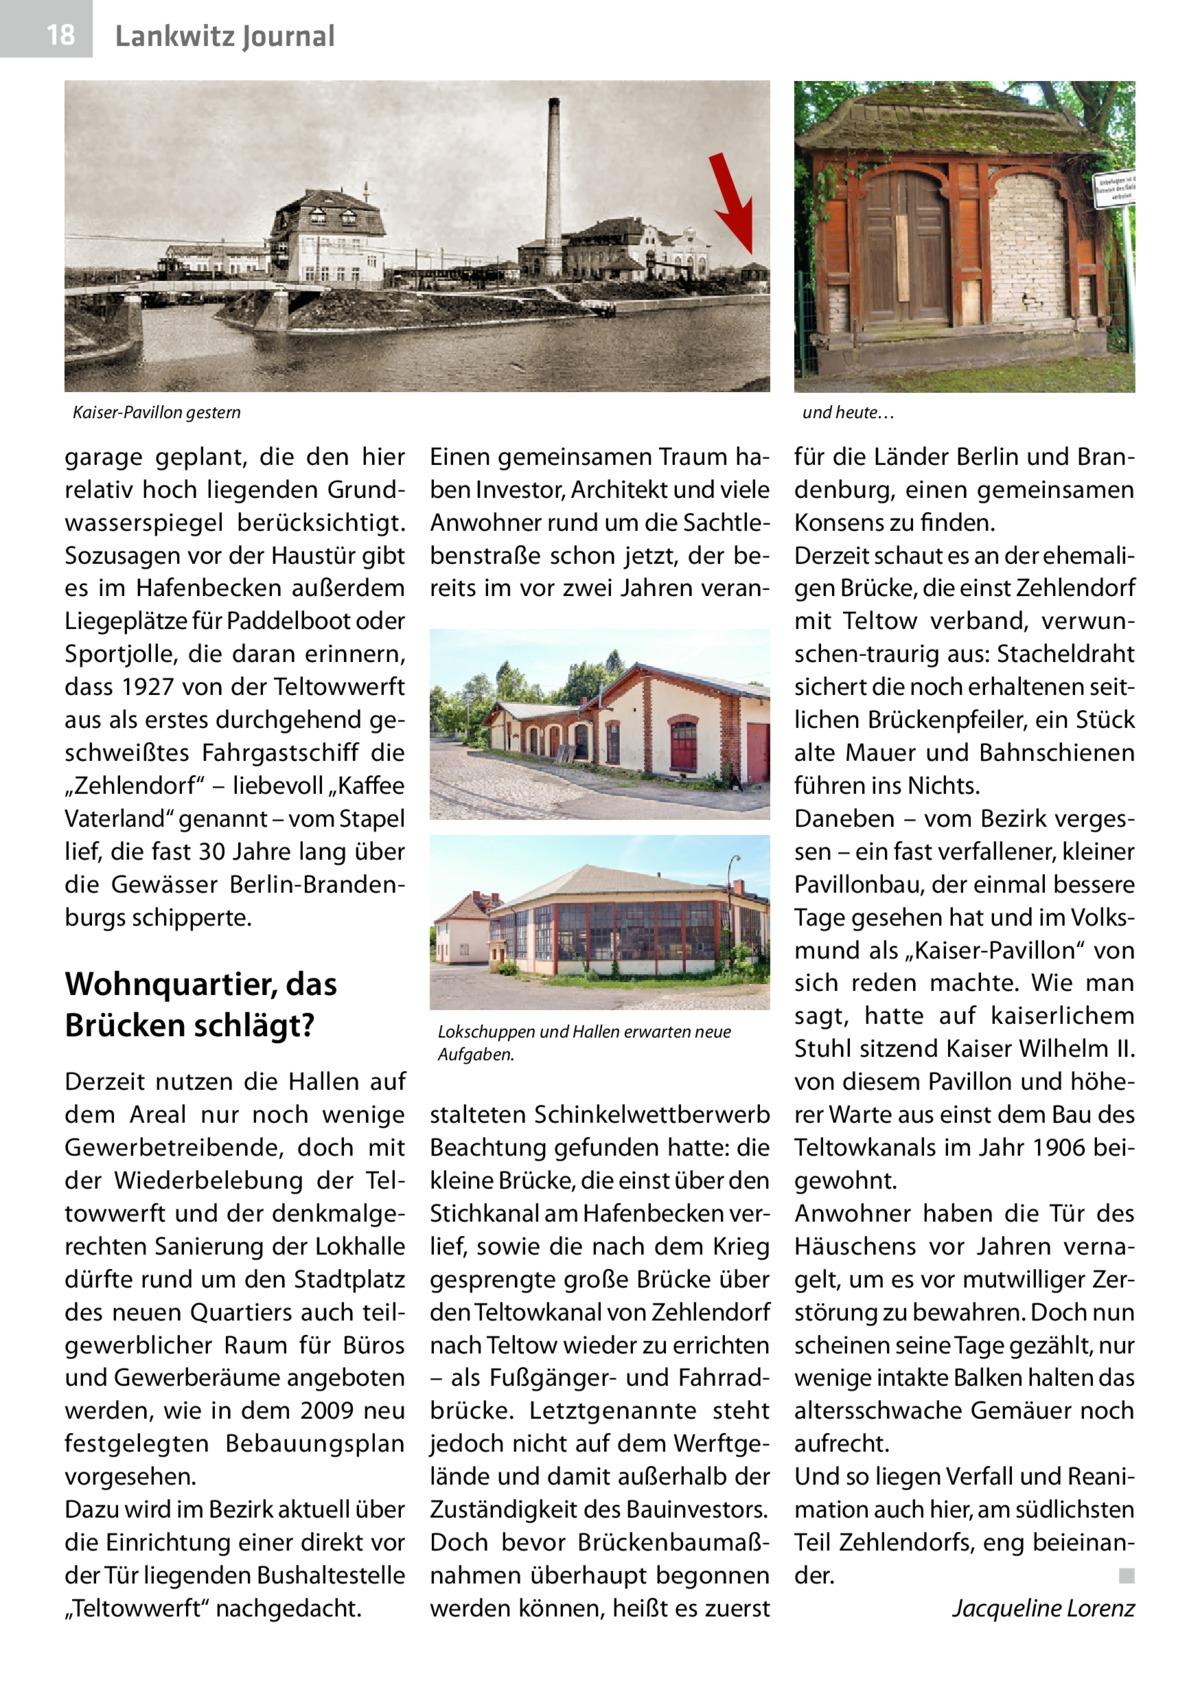 """18  Lankwitz Journal  Kaiser-Pavillon gestern  garage geplant, die den hier relativ hoch liegenden Grundwasserspiegel berücksichtigt. Sozusagen vor der Haustür gibt es im Hafenbecken außerdem Liegeplätze für Paddelboot oder Sportjolle, die daran erinnern, dass 1927 von der Teltowwerft aus als erstes durchgehend geschweißtes Fahrgastschiff die """"Zehlendorf"""" – liebevoll """"Kaffee Vaterland"""" genannt – vom Stapel lief, die fast 30Jahre lang über die Gewässer Berlin-Brandenburgs schipperte.  Wohnquartier, das Brücken schlägt? Derzeit nutzen die Hallen auf dem Areal nur noch wenige Gewerbetreibende, doch mit der Wiederbelebung der Teltowwerft und der denkmalgerechten Sanierung der Lokhalle dürfte rund um den Stadtplatz des neuen Quartiers auch teilgewerblicher Raum für Büros und Gewerberäume angeboten werden, wie in dem 2009 neu festgelegten Bebauungsplan vorgesehen. Dazu wird im Bezirk aktuell über die Einrichtung einer direkt vor der Tür liegenden Bushaltestelle """"Teltowwerft"""" nachgedacht.  und heute…  Einen gemeinsamen Traum haben Investor, Architekt und viele Anwohner rund um die Sachtlebenstraße schon jetzt, der bereits im vor zwei Jahren veran Lokschuppen und Hallen erwarten neue Aufgaben.  stalteten Schinkelwettberwerb Beachtung gefunden hatte: die kleine Brücke, die einst über den Stichkanal am Hafenbecken verlief, sowie die nach dem Krieg gesprengte große Brücke über den Teltowkanal von Zehlendorf nach Teltow wieder zu errichten – als Fußgänger- und Fahrradbrücke. Letztgenannte steht jedoch nicht auf dem Werftgelände und damit außerhalb der Zuständigkeit des Bauinvestors. Doch bevor Brückenbaumaßnahmen überhaupt begonnen werden können, heißt es zuerst  für die Länder Berlin und Brandenburg, einen gemeinsamen Konsens zu finden. Derzeit schaut es an der ehemaligen Brücke, die einst Zehlendorf mit Teltow verband, verwunschen-traurig aus: Stacheldraht sichert die noch erhaltenen seitlichen Brückenpfeiler, ein Stück alte Mauer und Bahnschienen führen ins Nichts. Daneben –"""